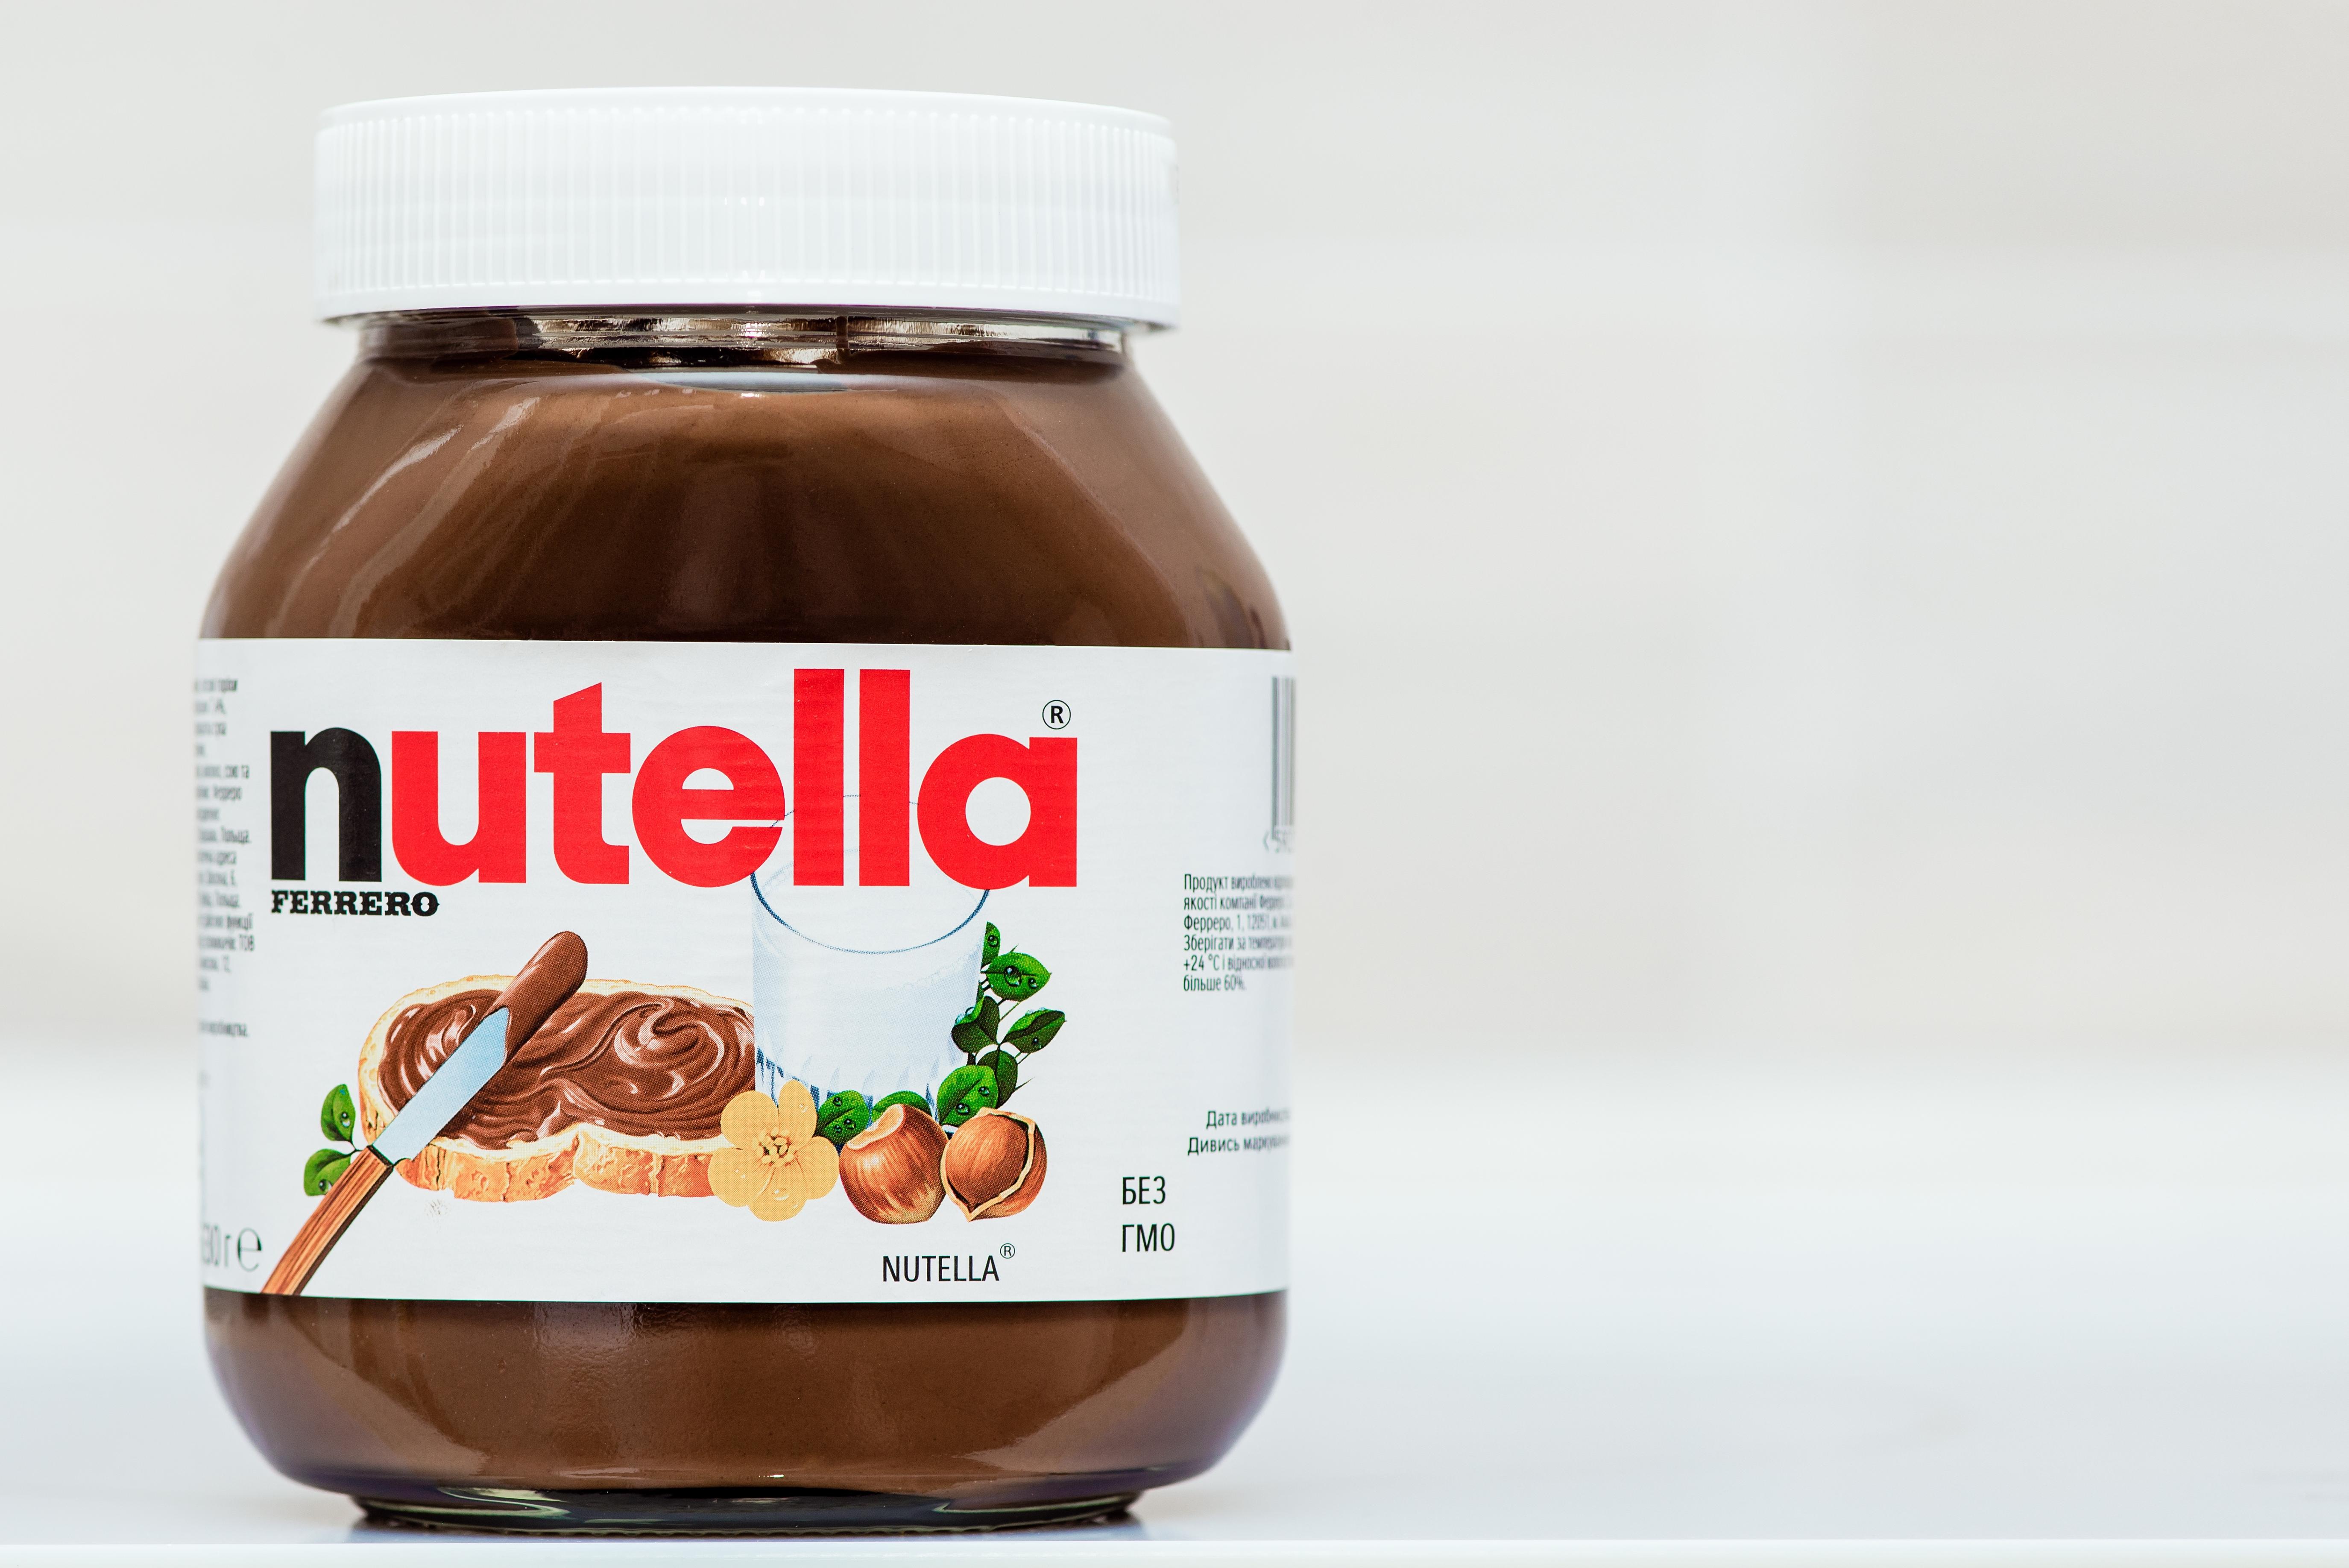 OMG! Voor alle Nutella-lovers: Amsterdam organiseert een chocolade festival vol met Nutella!